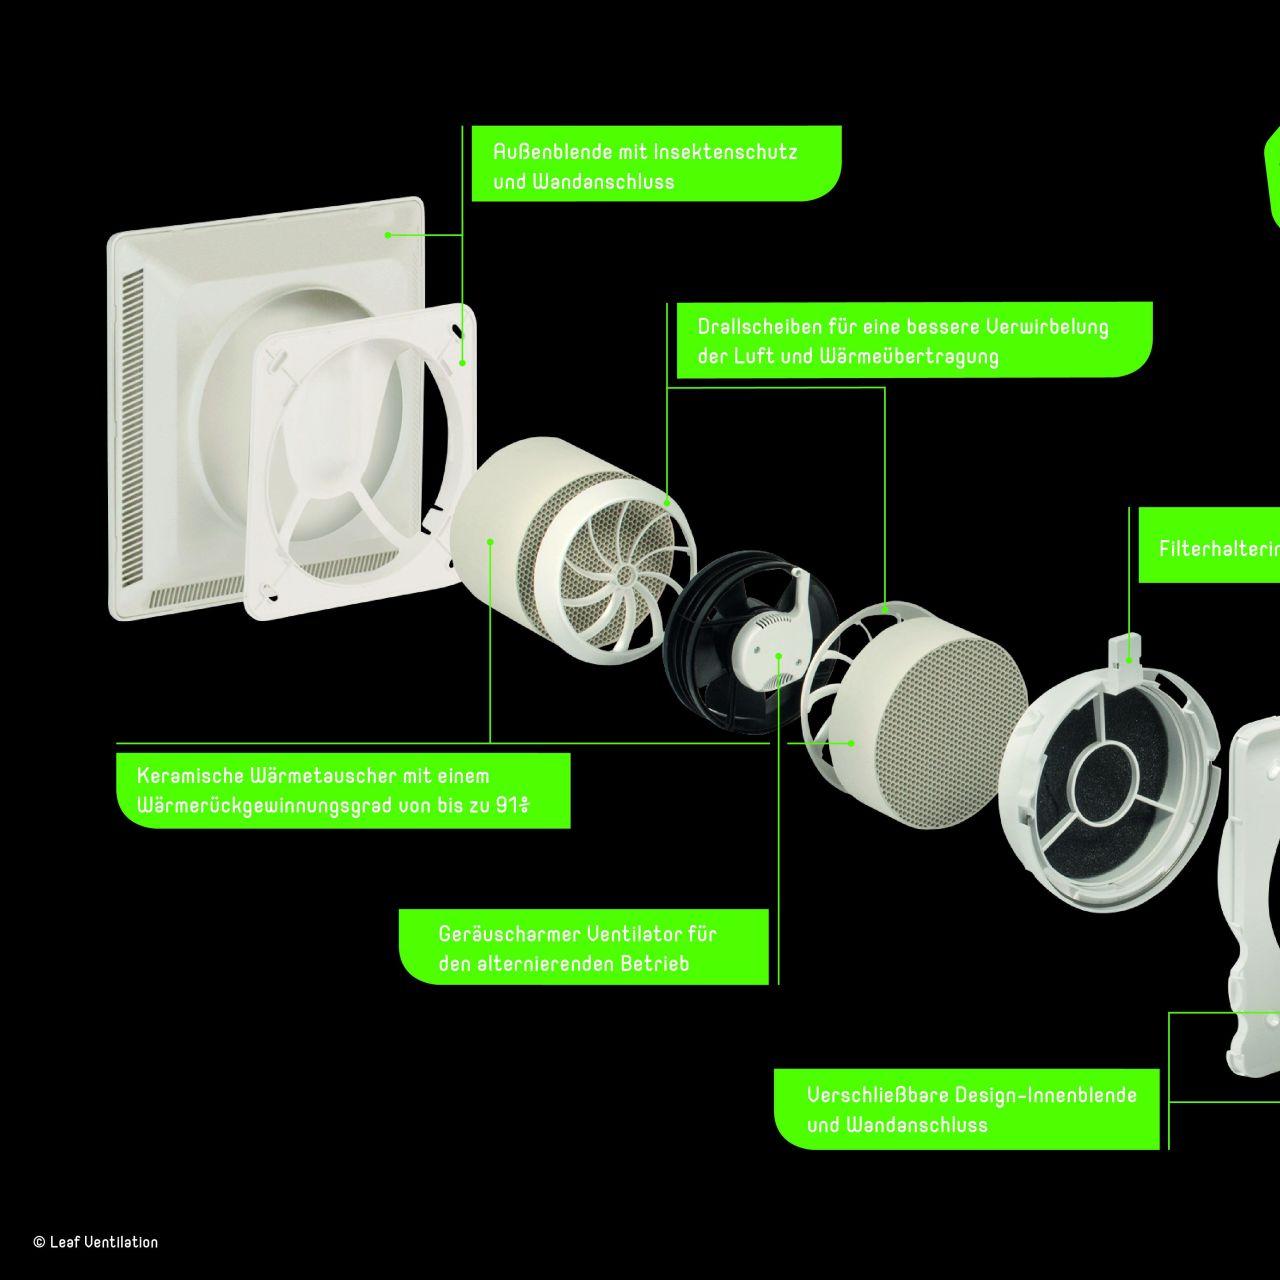 """""""Leaf Ventilation"""": Die neue Marke für Lüftungstechnik"""